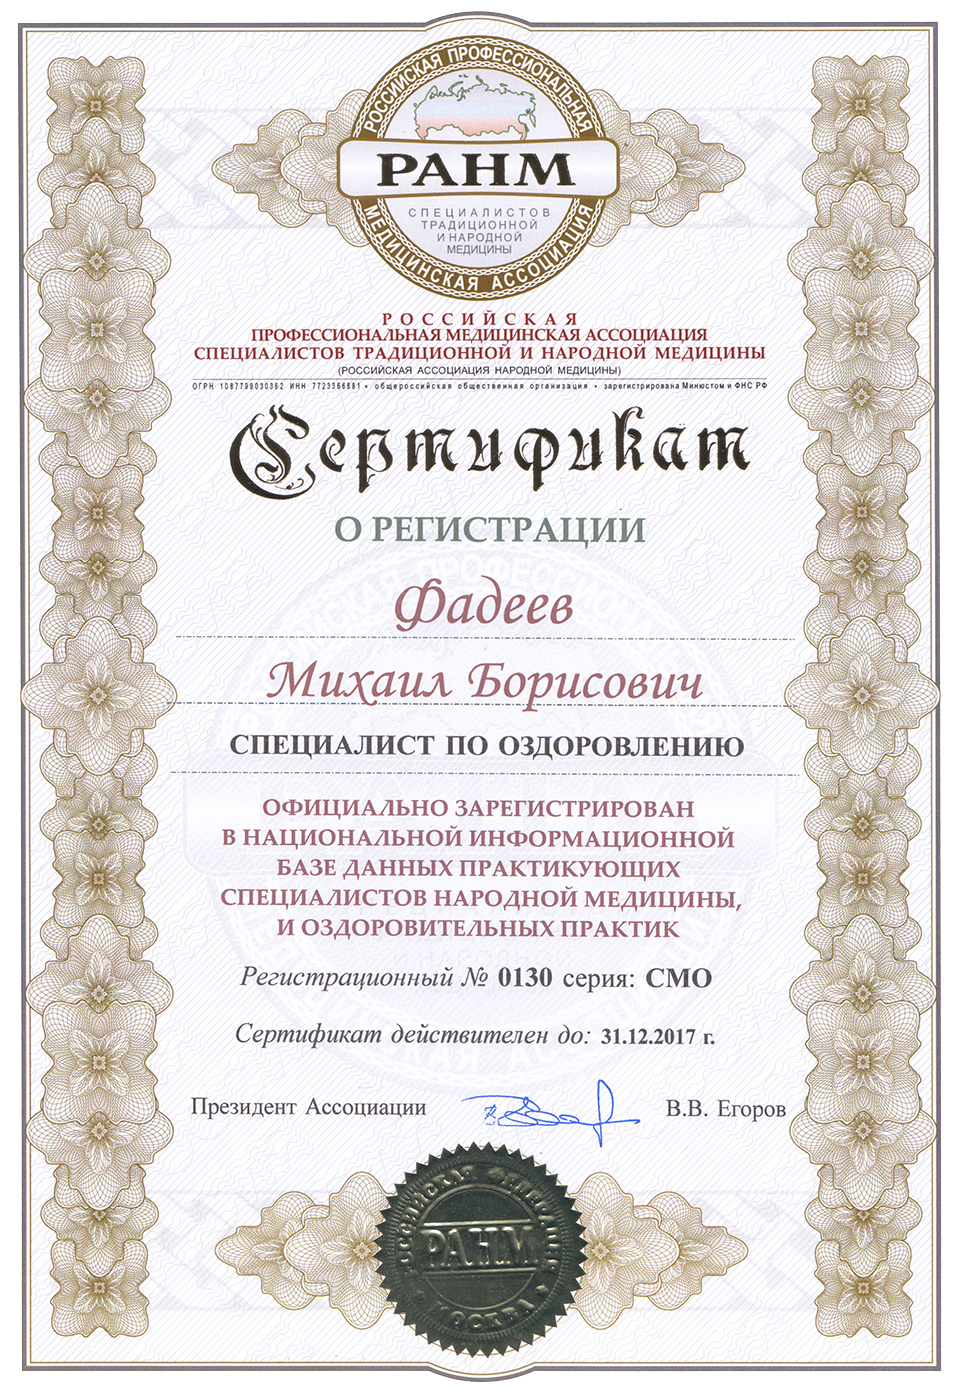 Сертификат о регистрации в РАНМ_2017